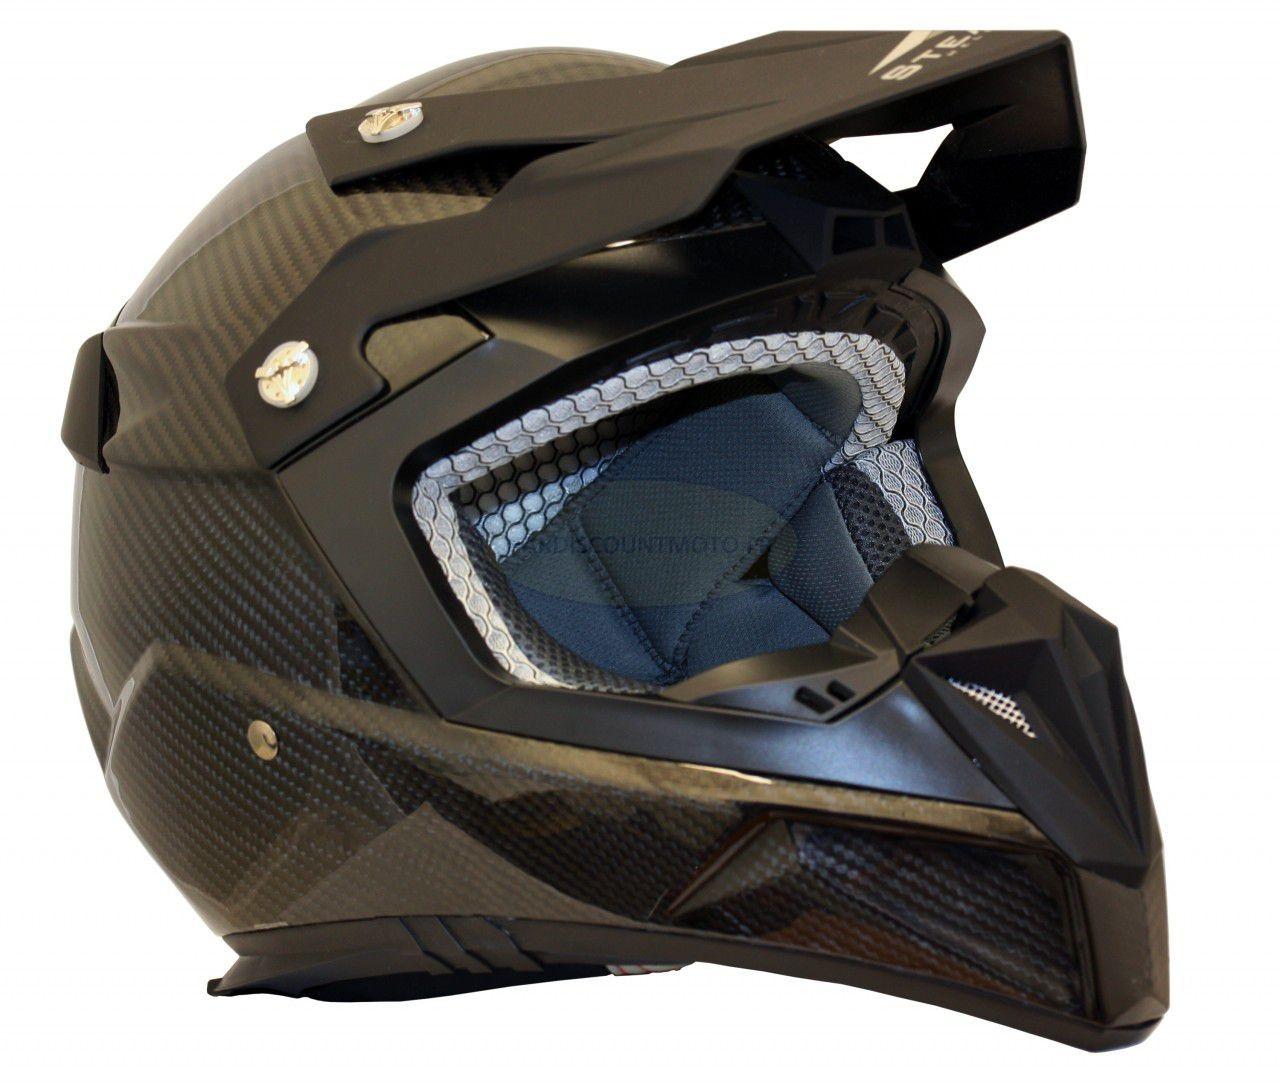 Casque de motocross: comment l'entretenir?